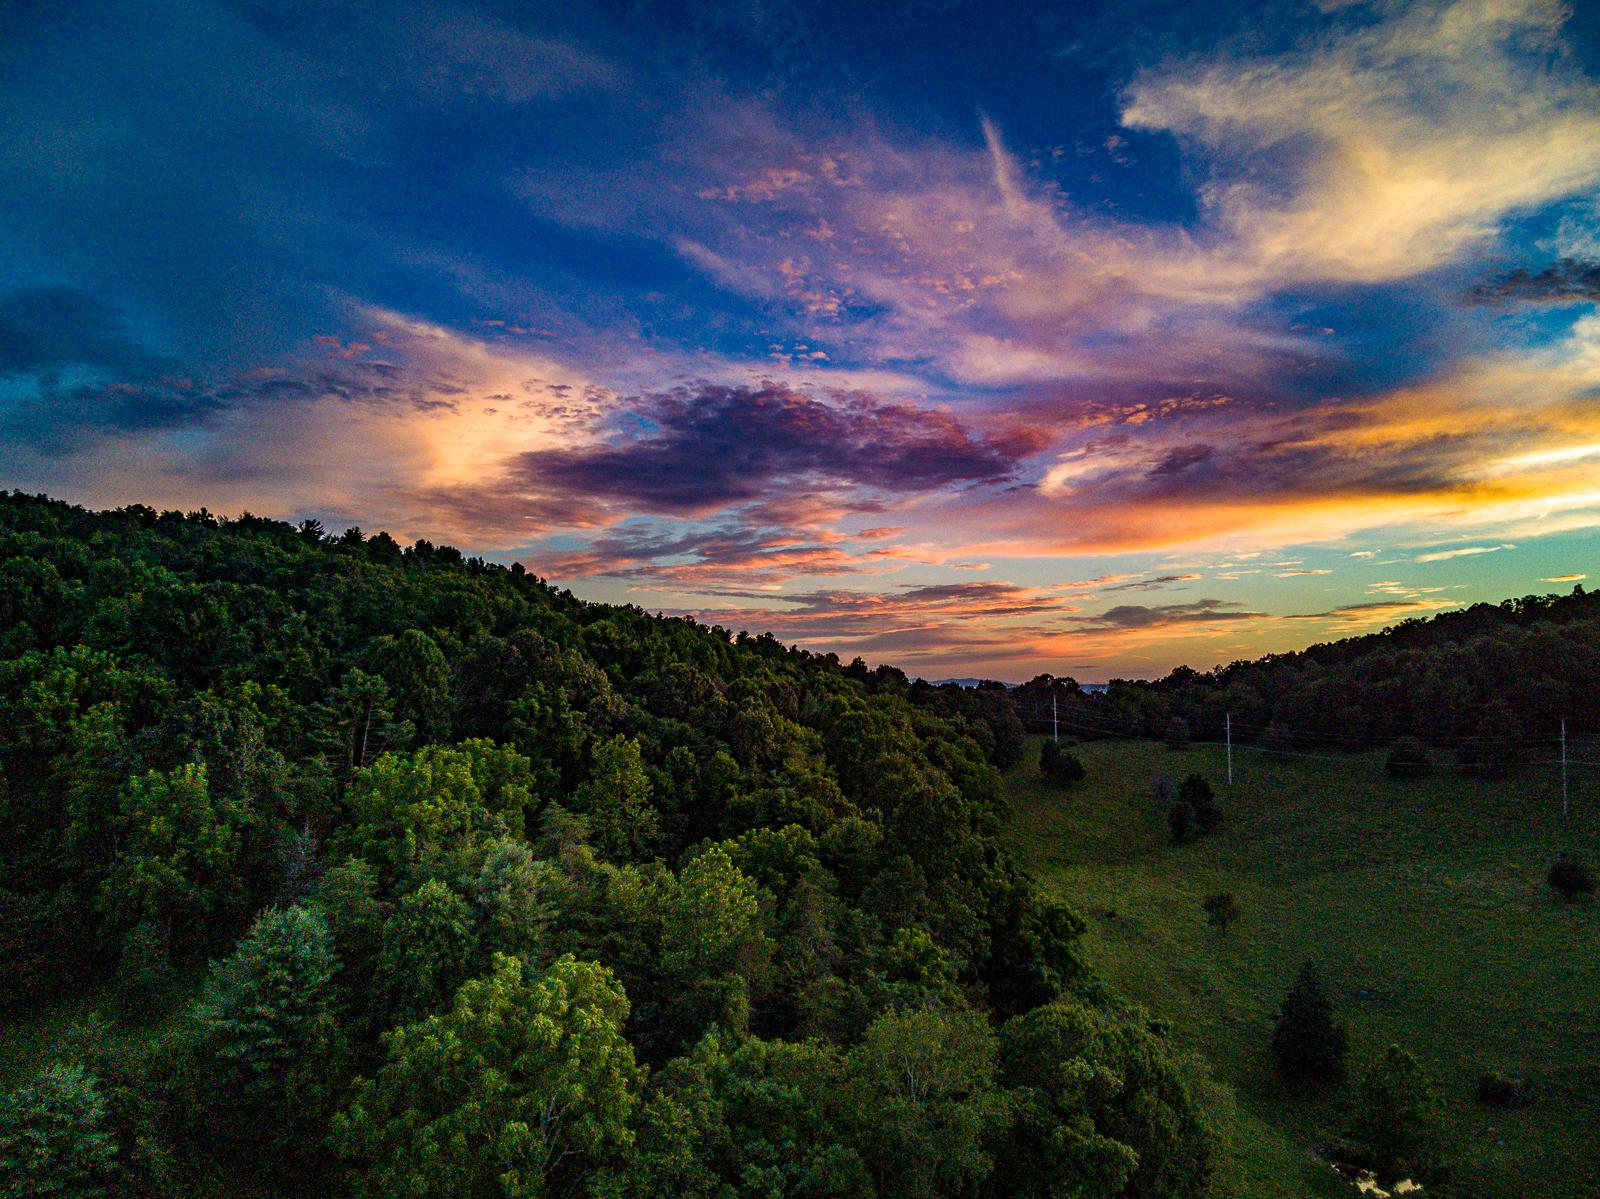 Shenandoah Valley Sunset Photo